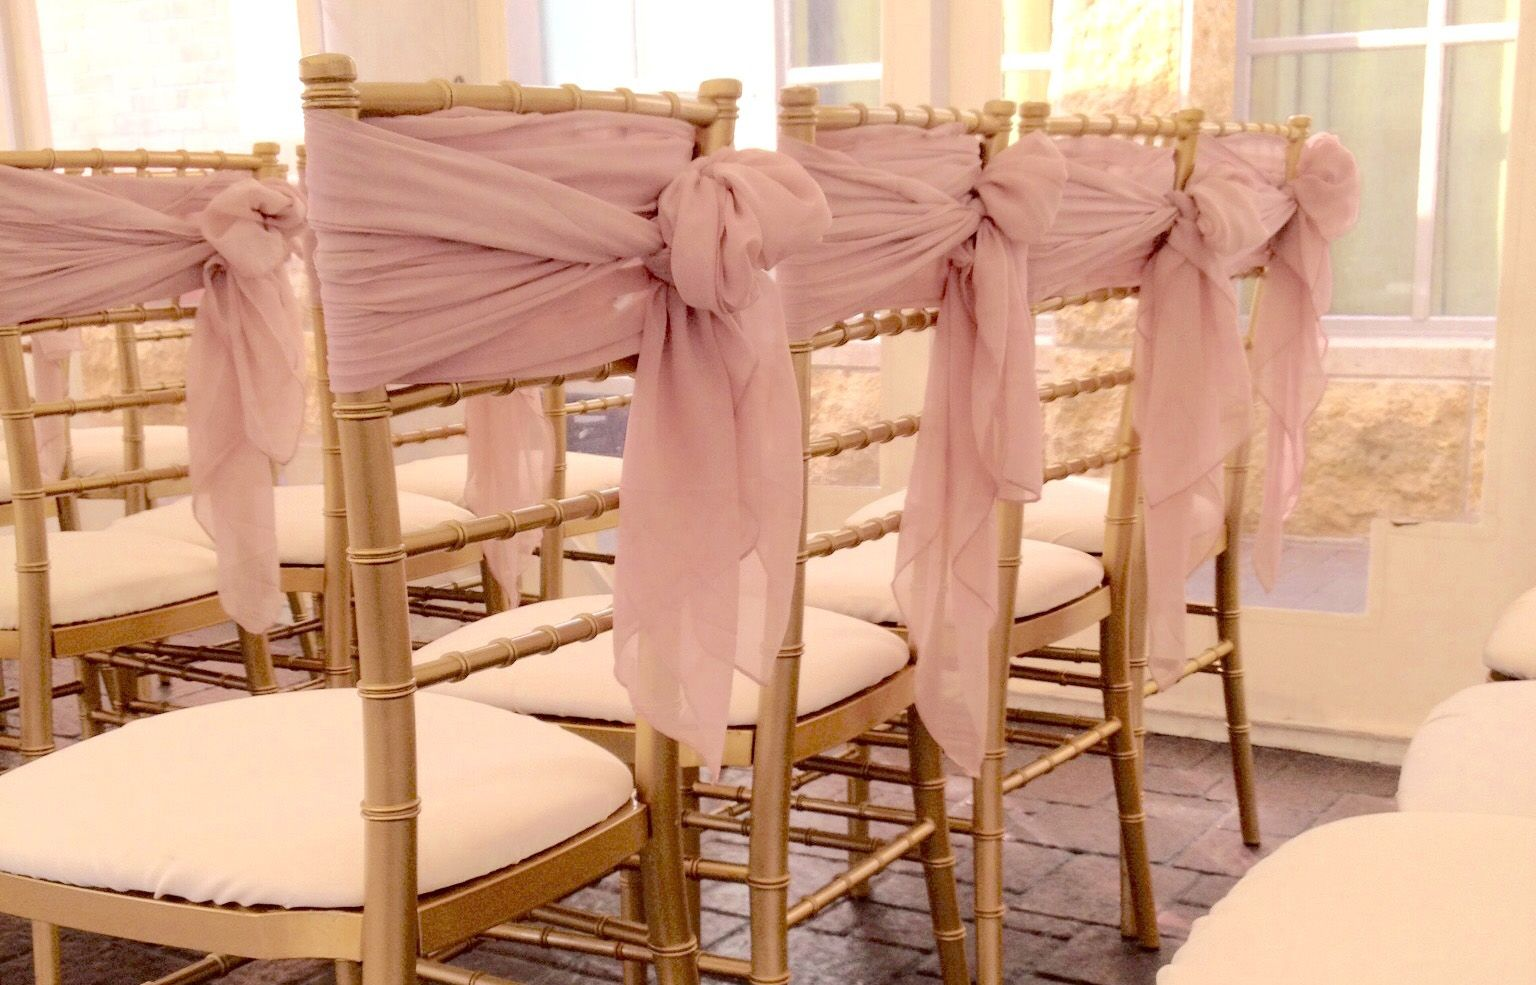 LuxeEventLinen_ChiavariChairRental_Wedding